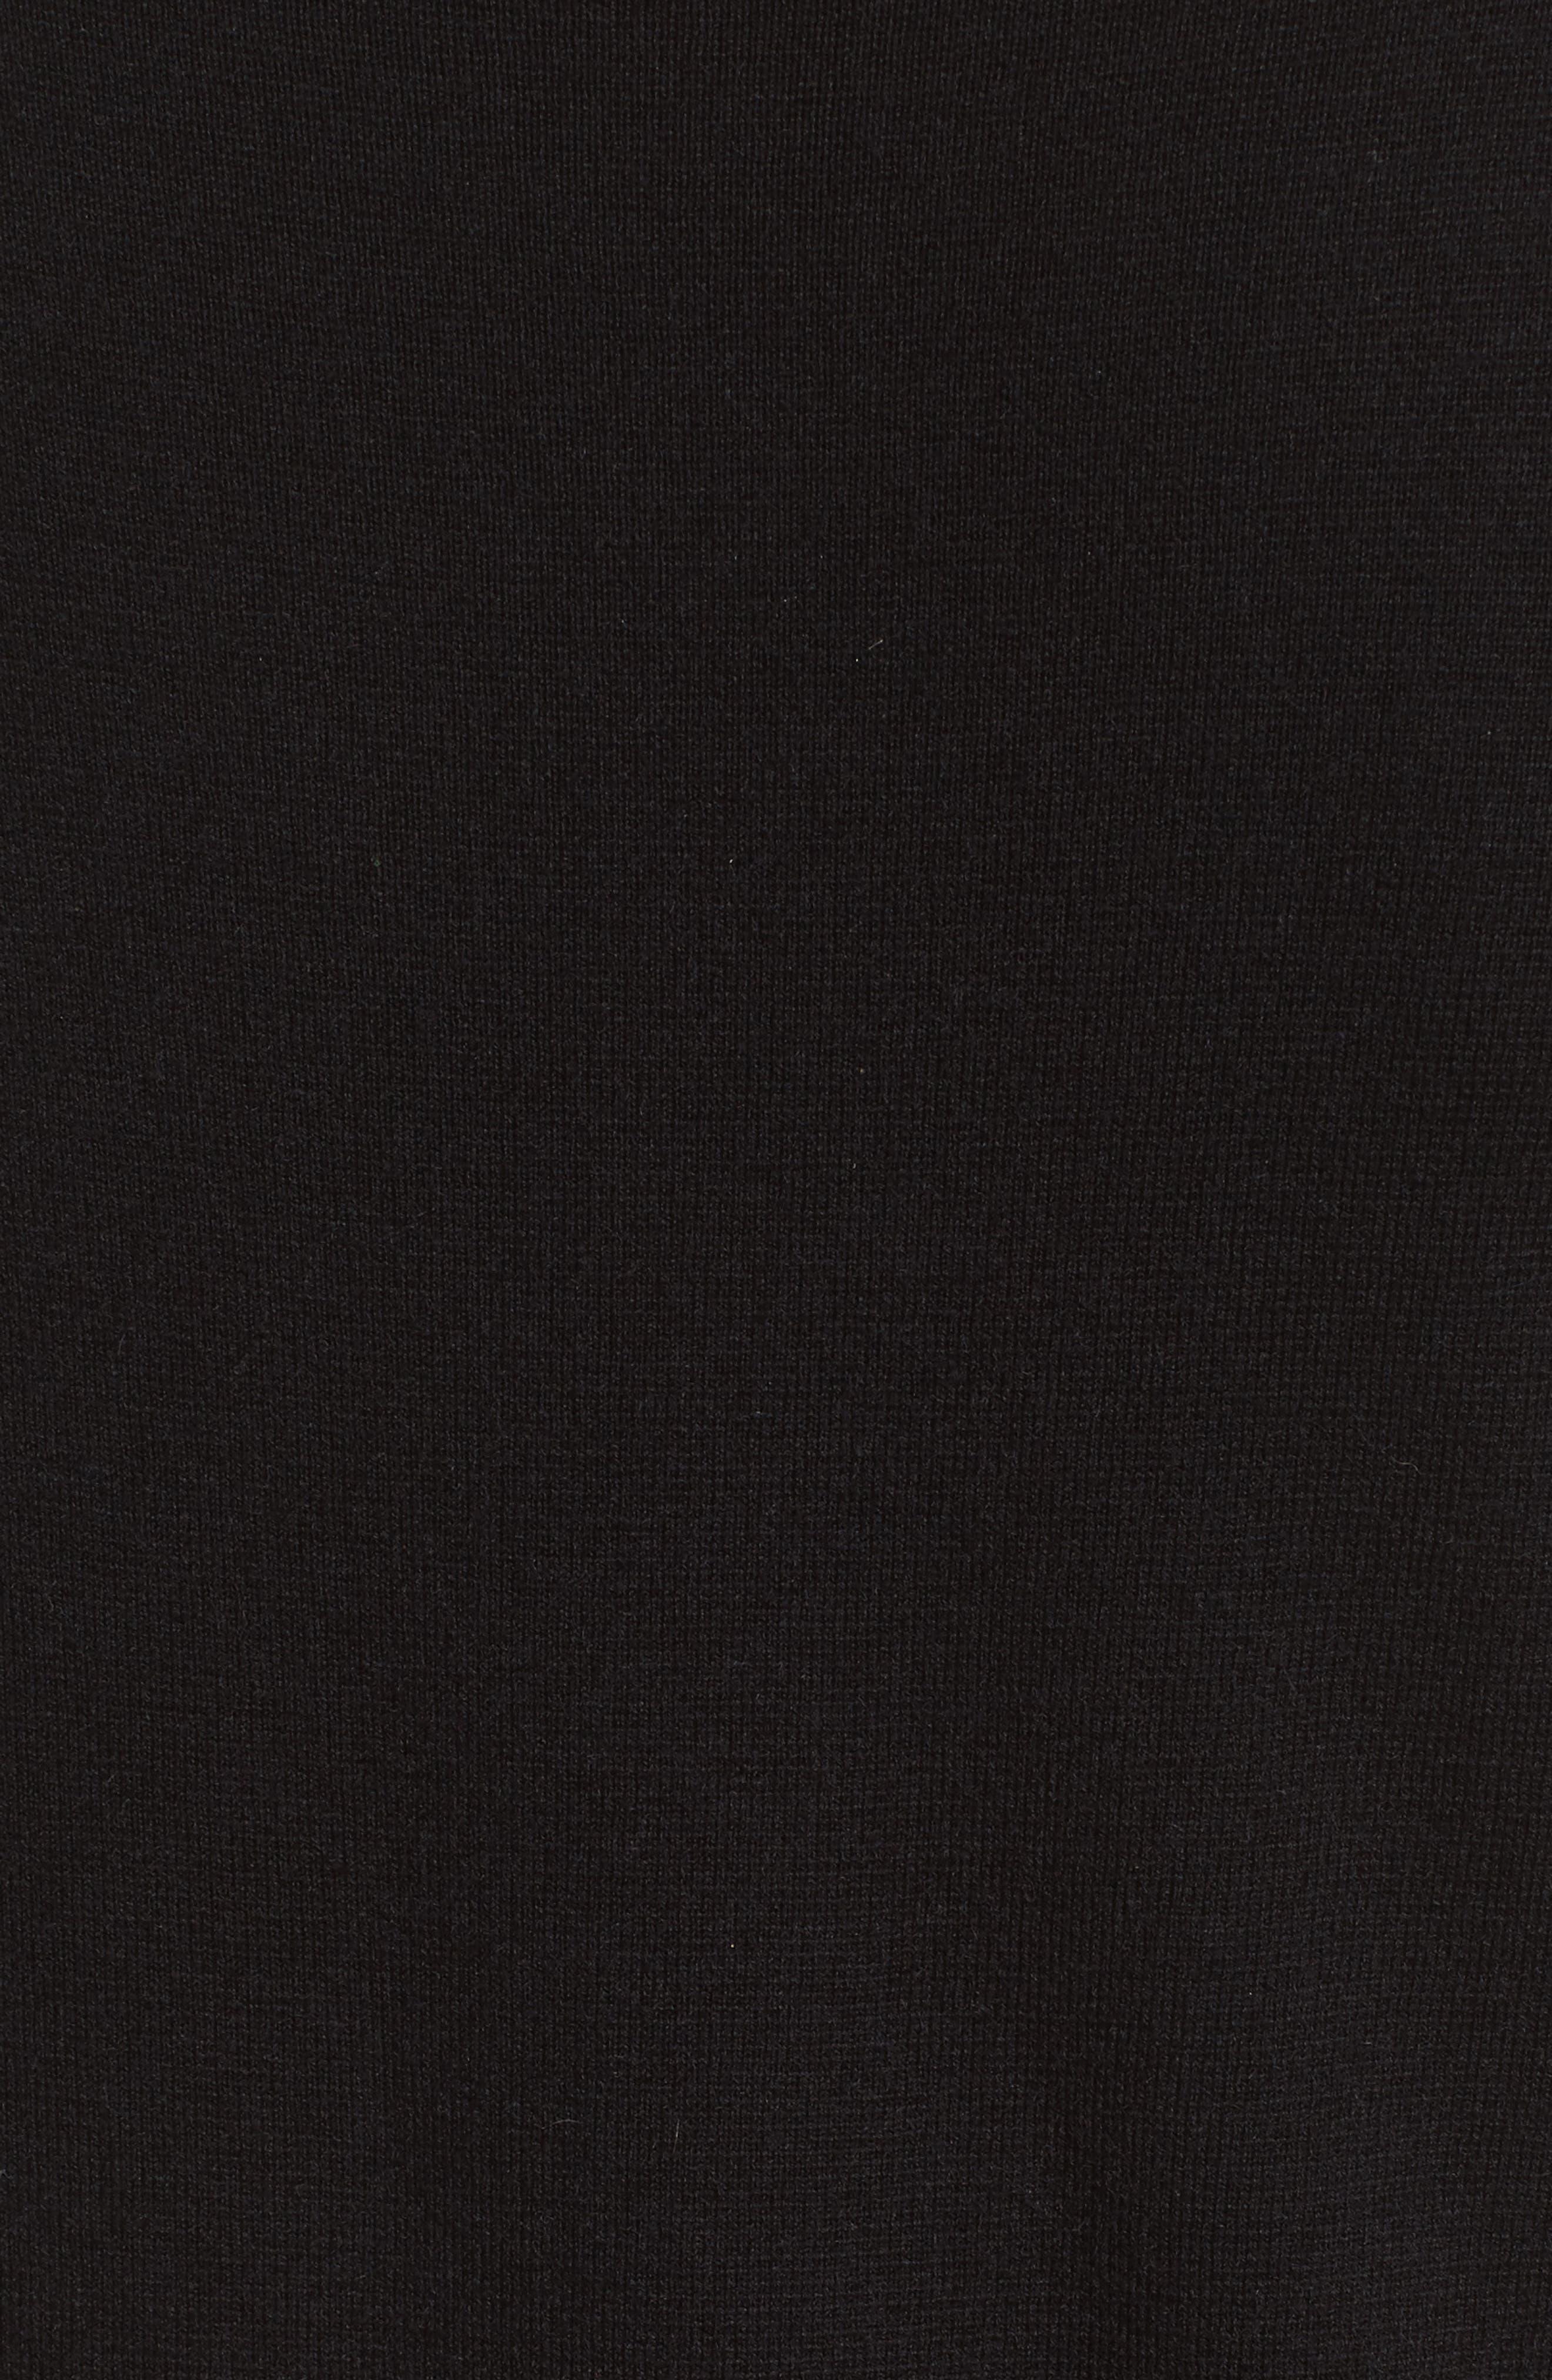 Milano Knit Midi Dress,                             Alternate thumbnail 5, color,                             Black